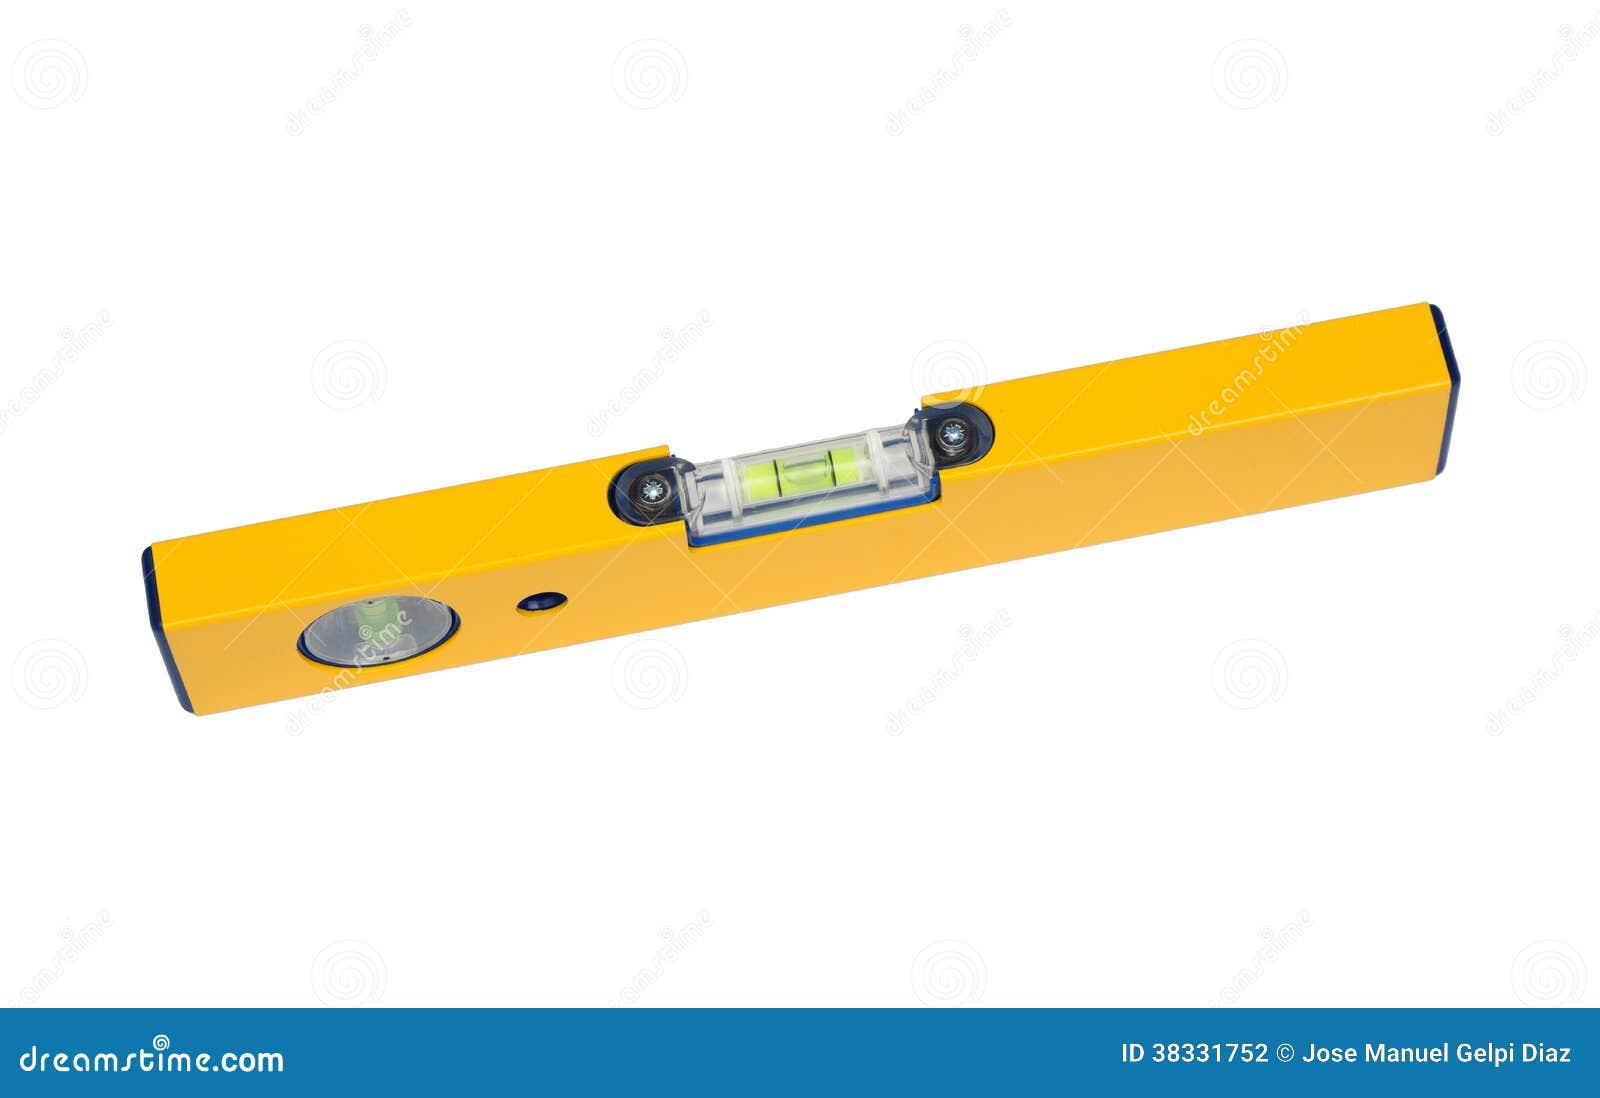 Herramienta de la precisi n un nivel amarillo fotograf a for Nivel de precision